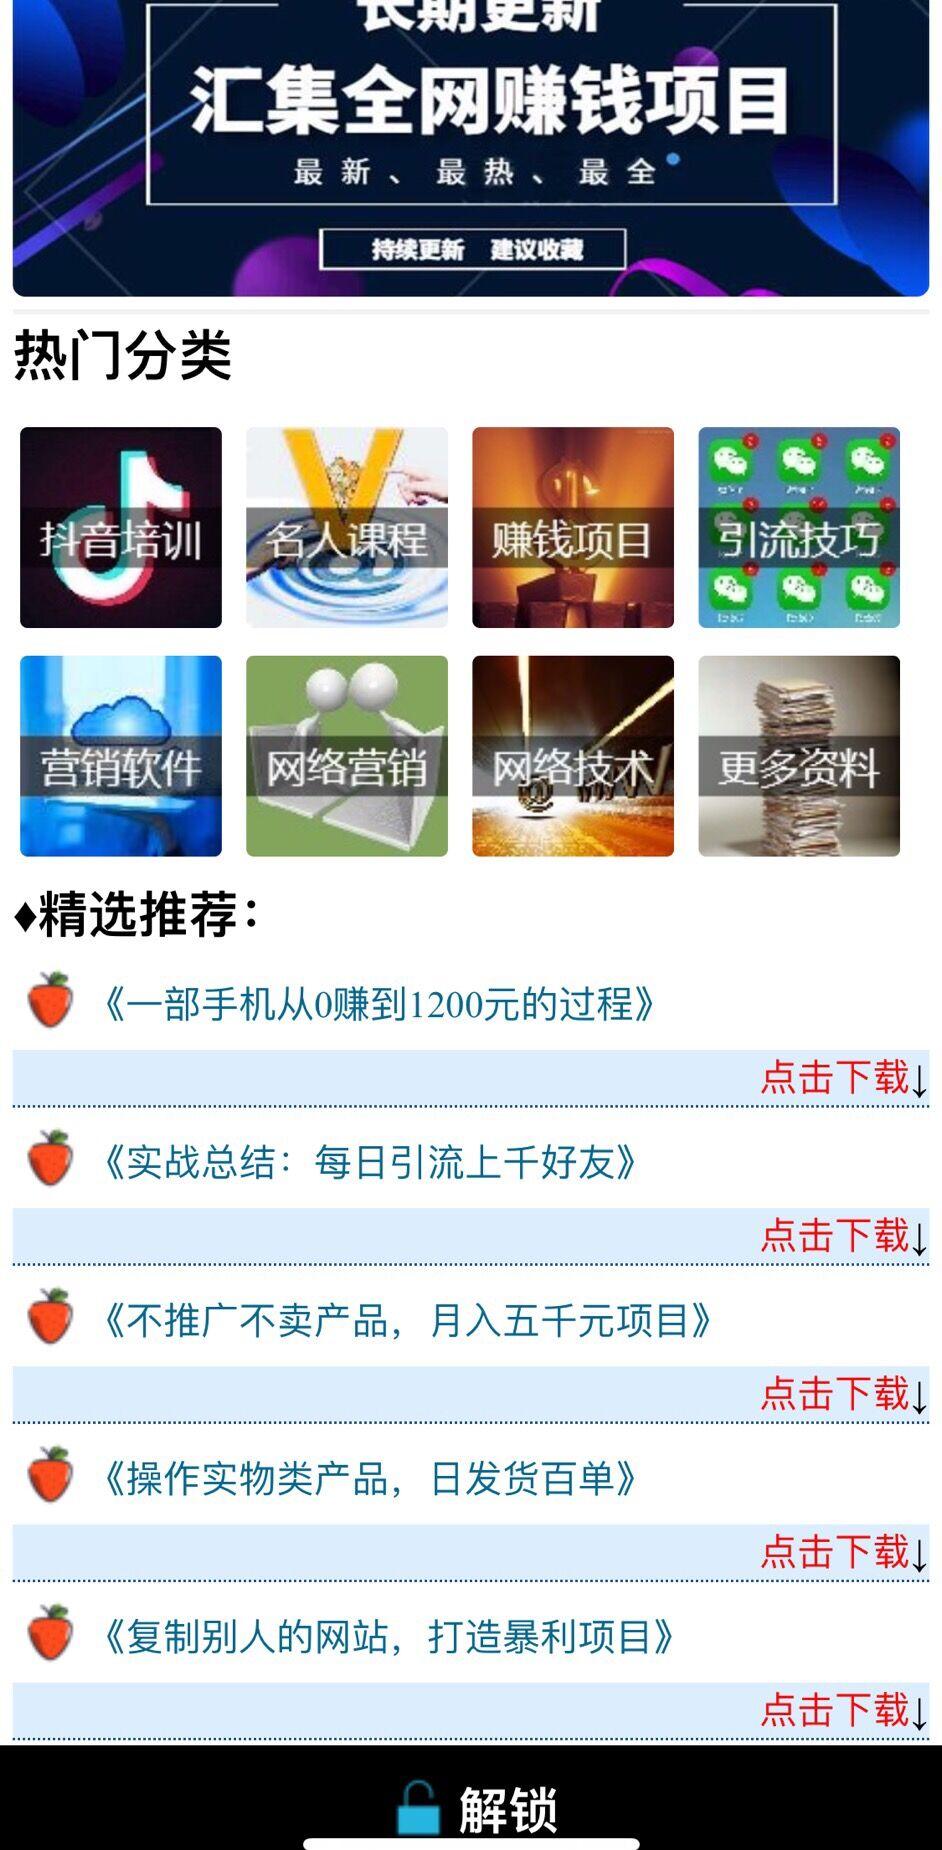 刘阳光_星光网_app001.jpg